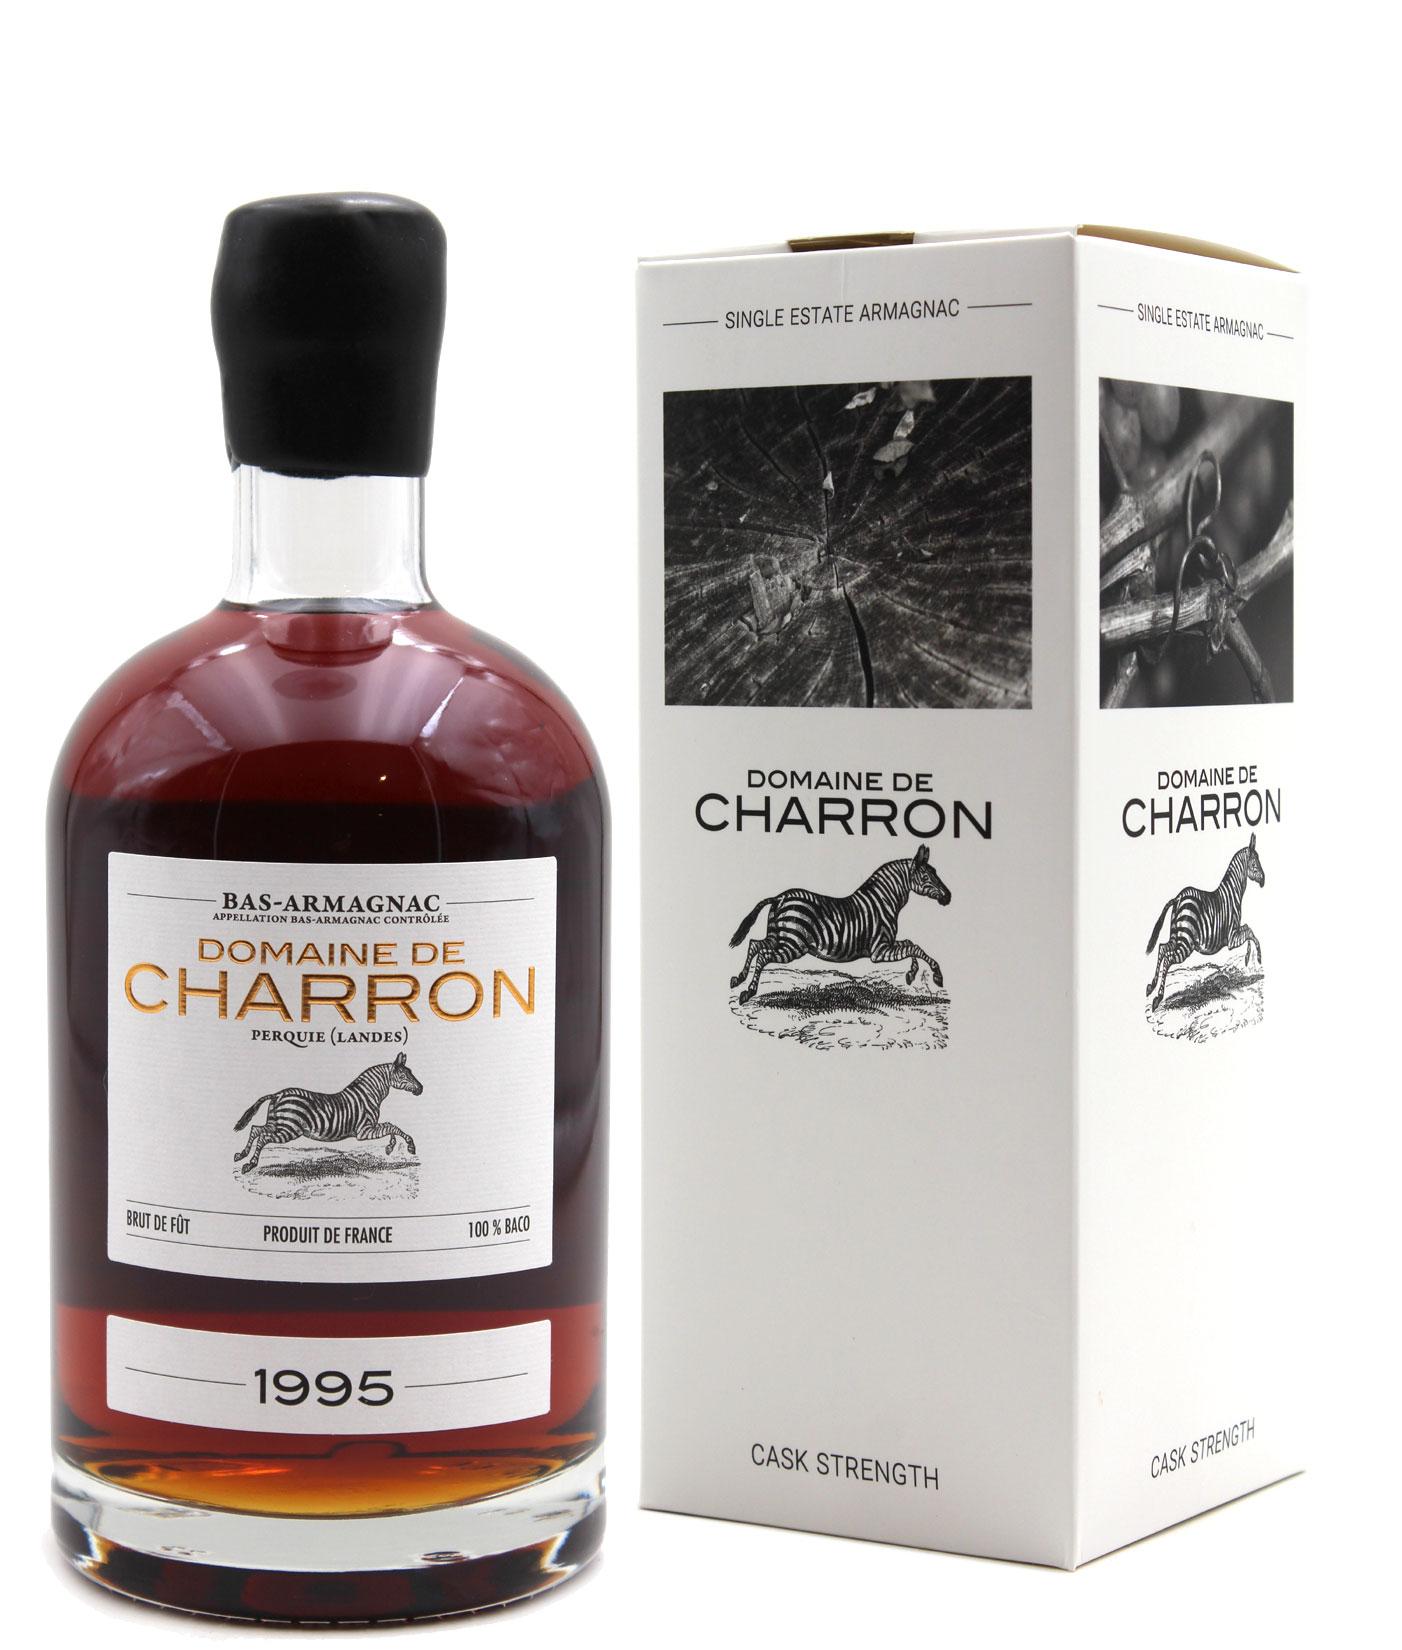 Bas Armagnac Domaine de Charron 1995  - 70cl